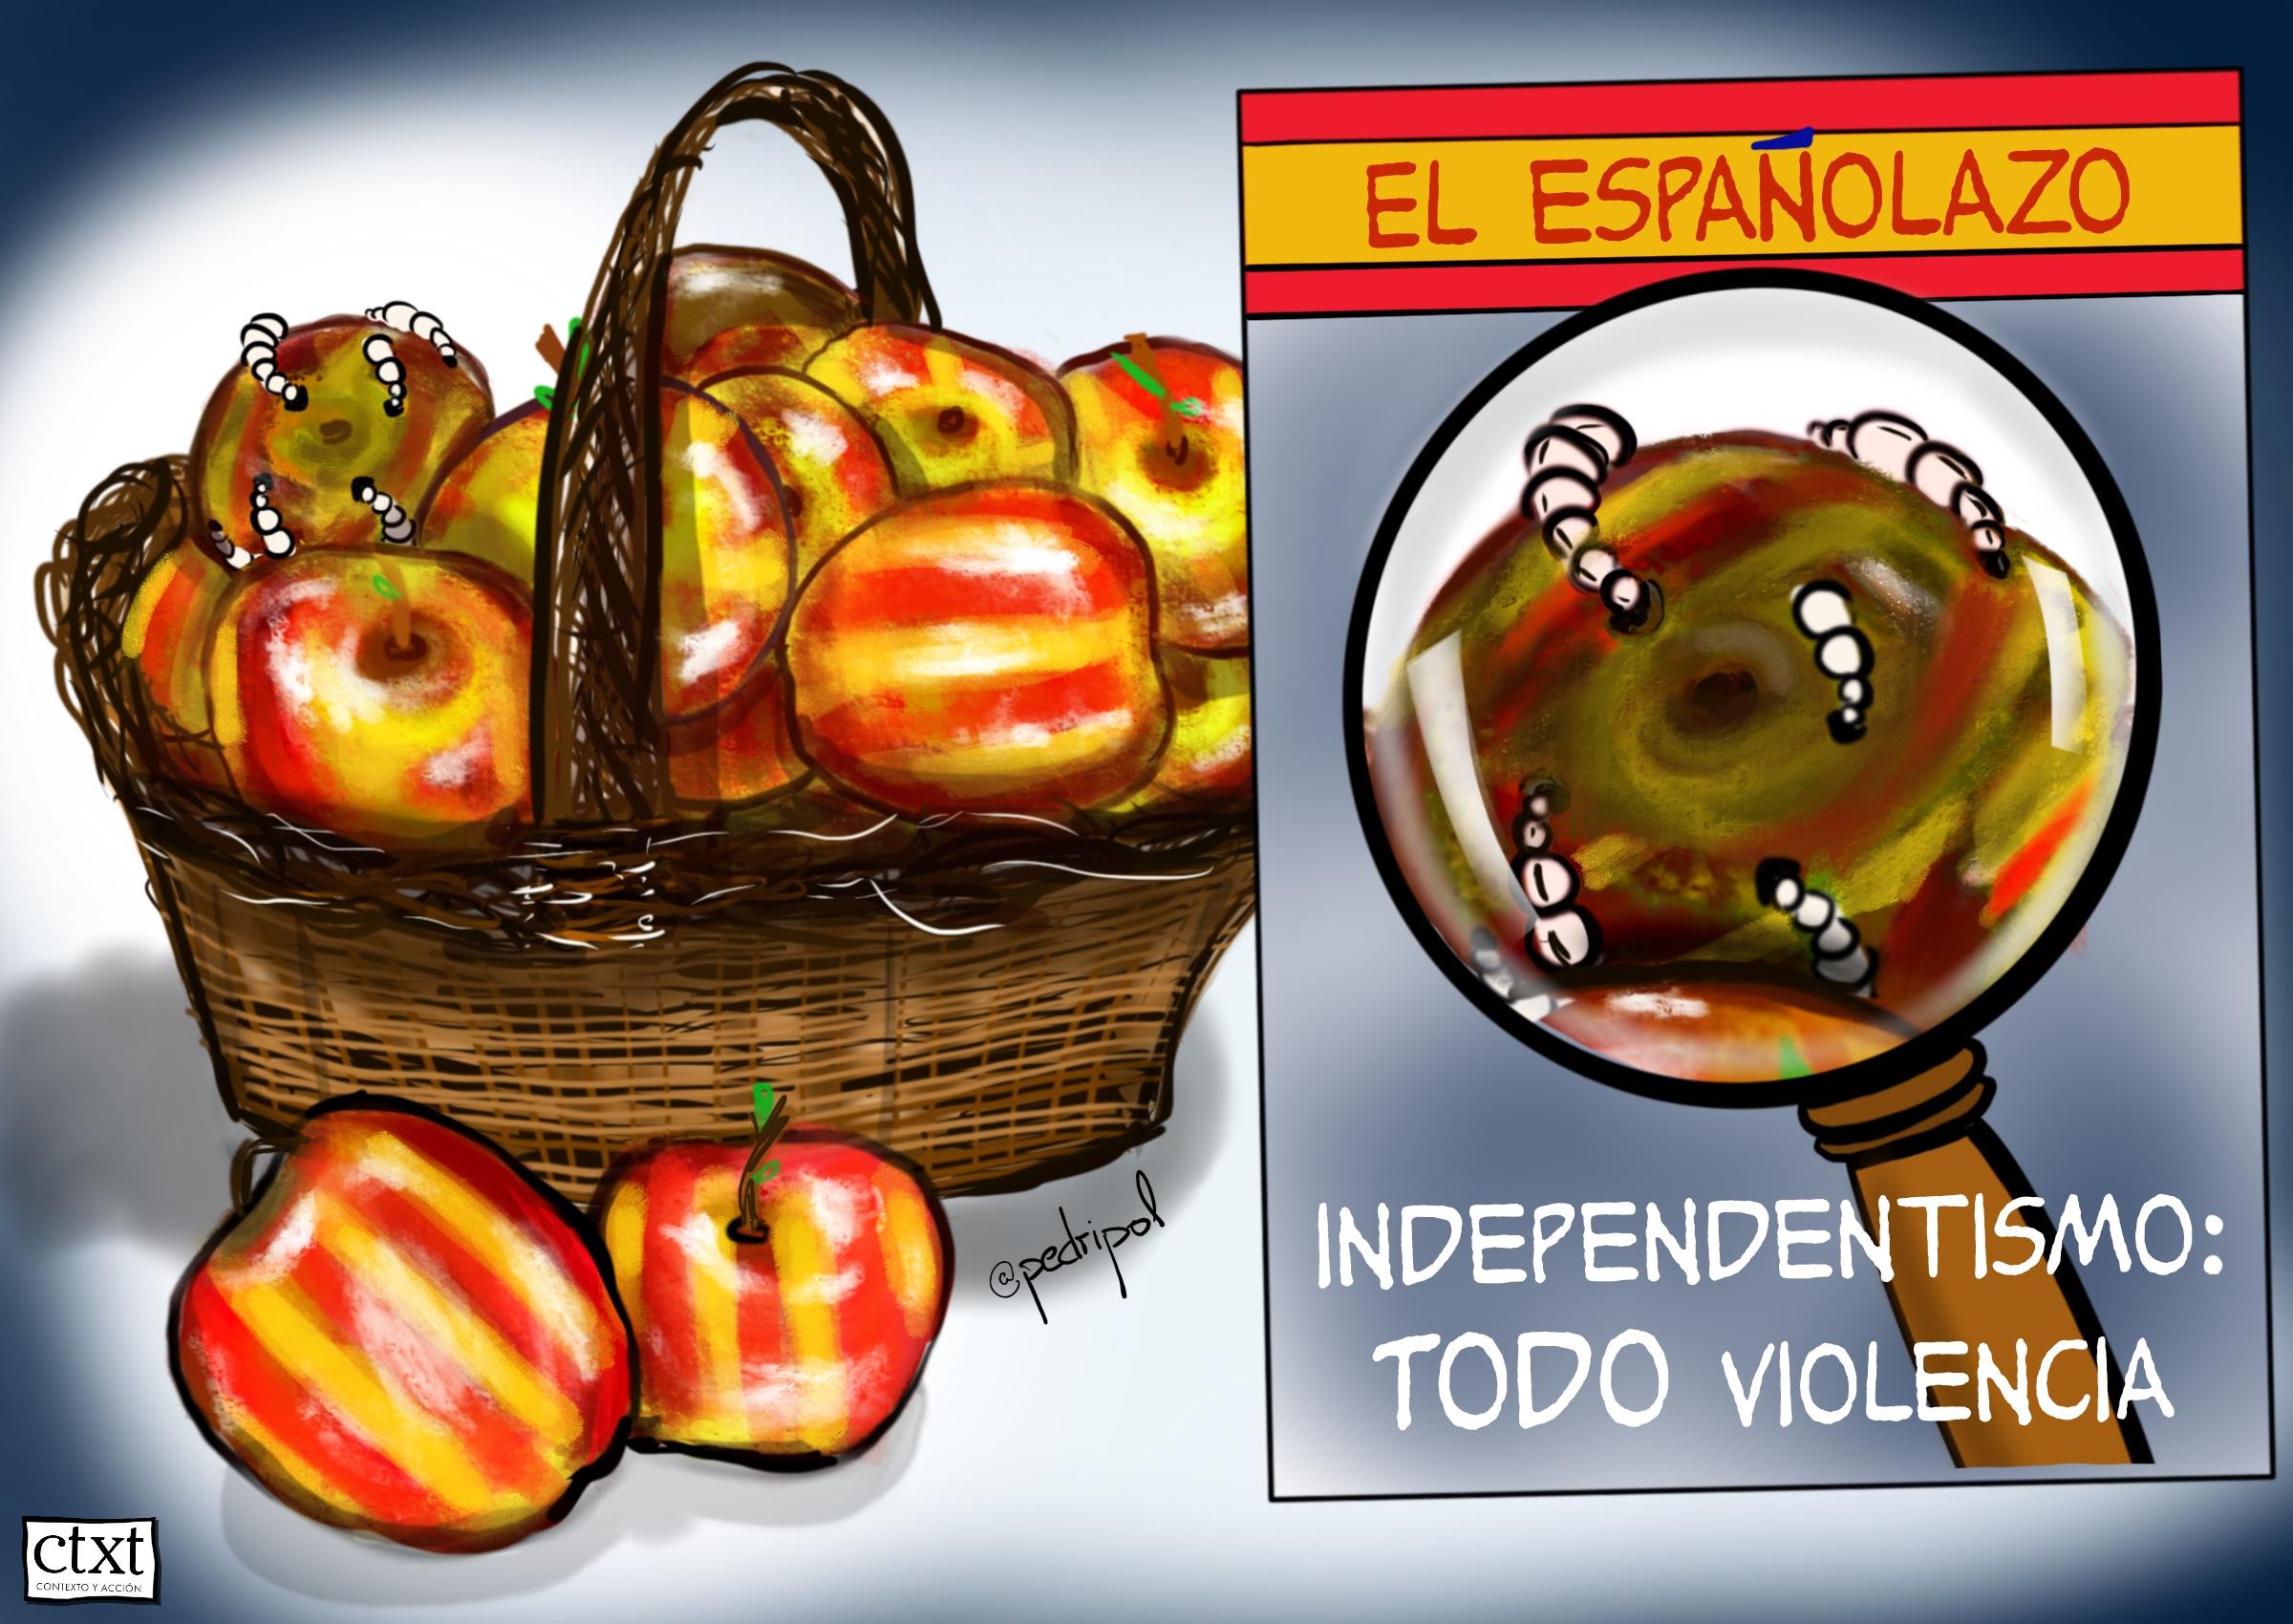 <p>Periodismo, independentismo, parcialidad</p>